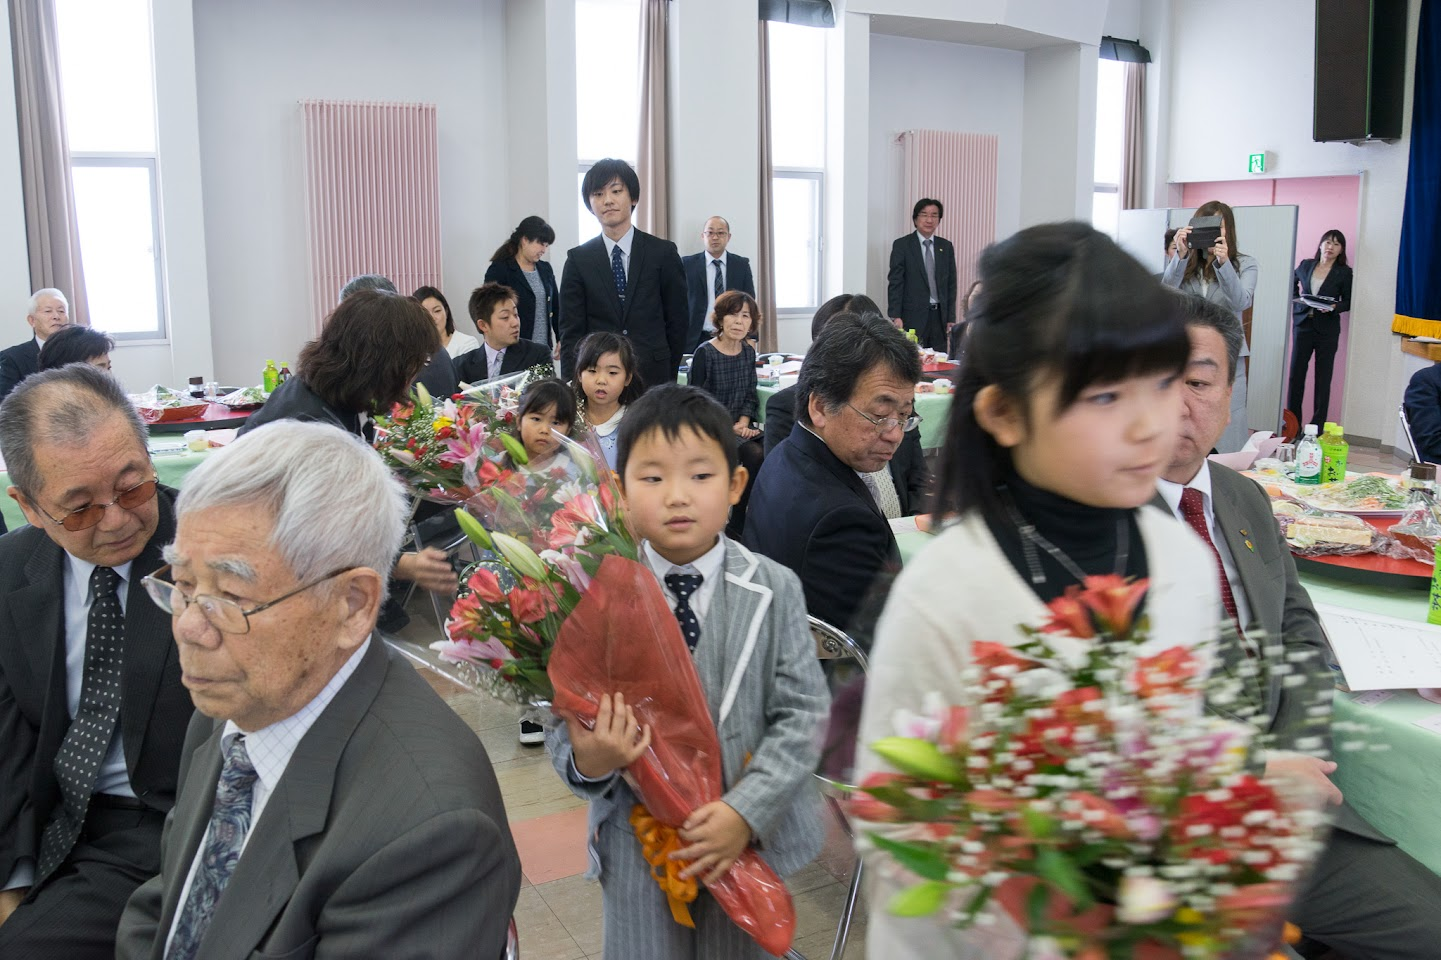 ひ孫さん達からのお祝いの花束贈呈